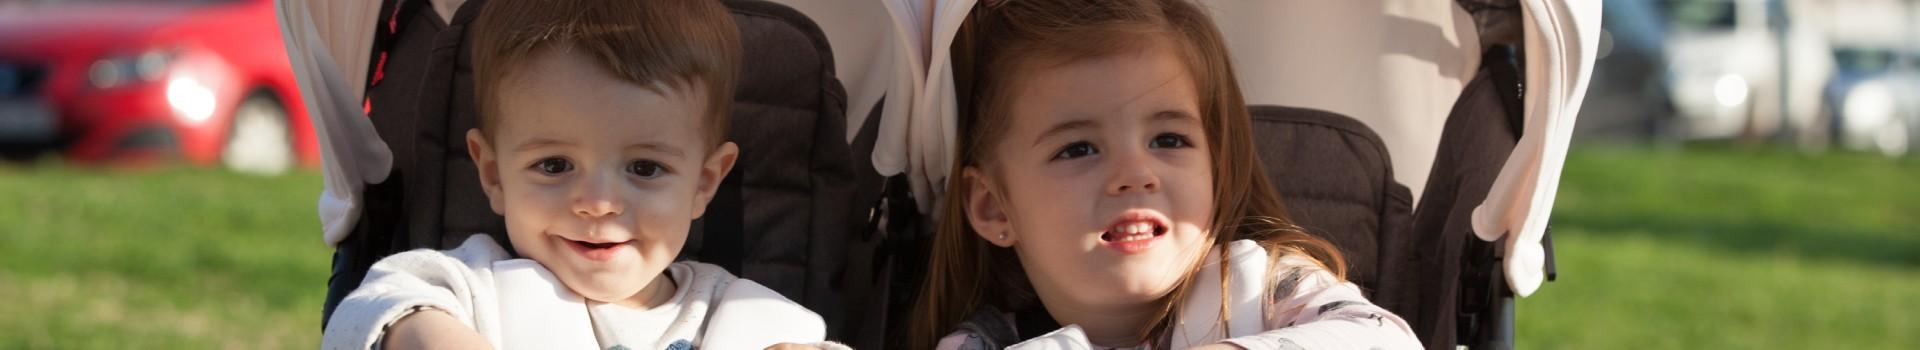 Colchonetas para sillas de paseo y cochecitos | Baby Monsters